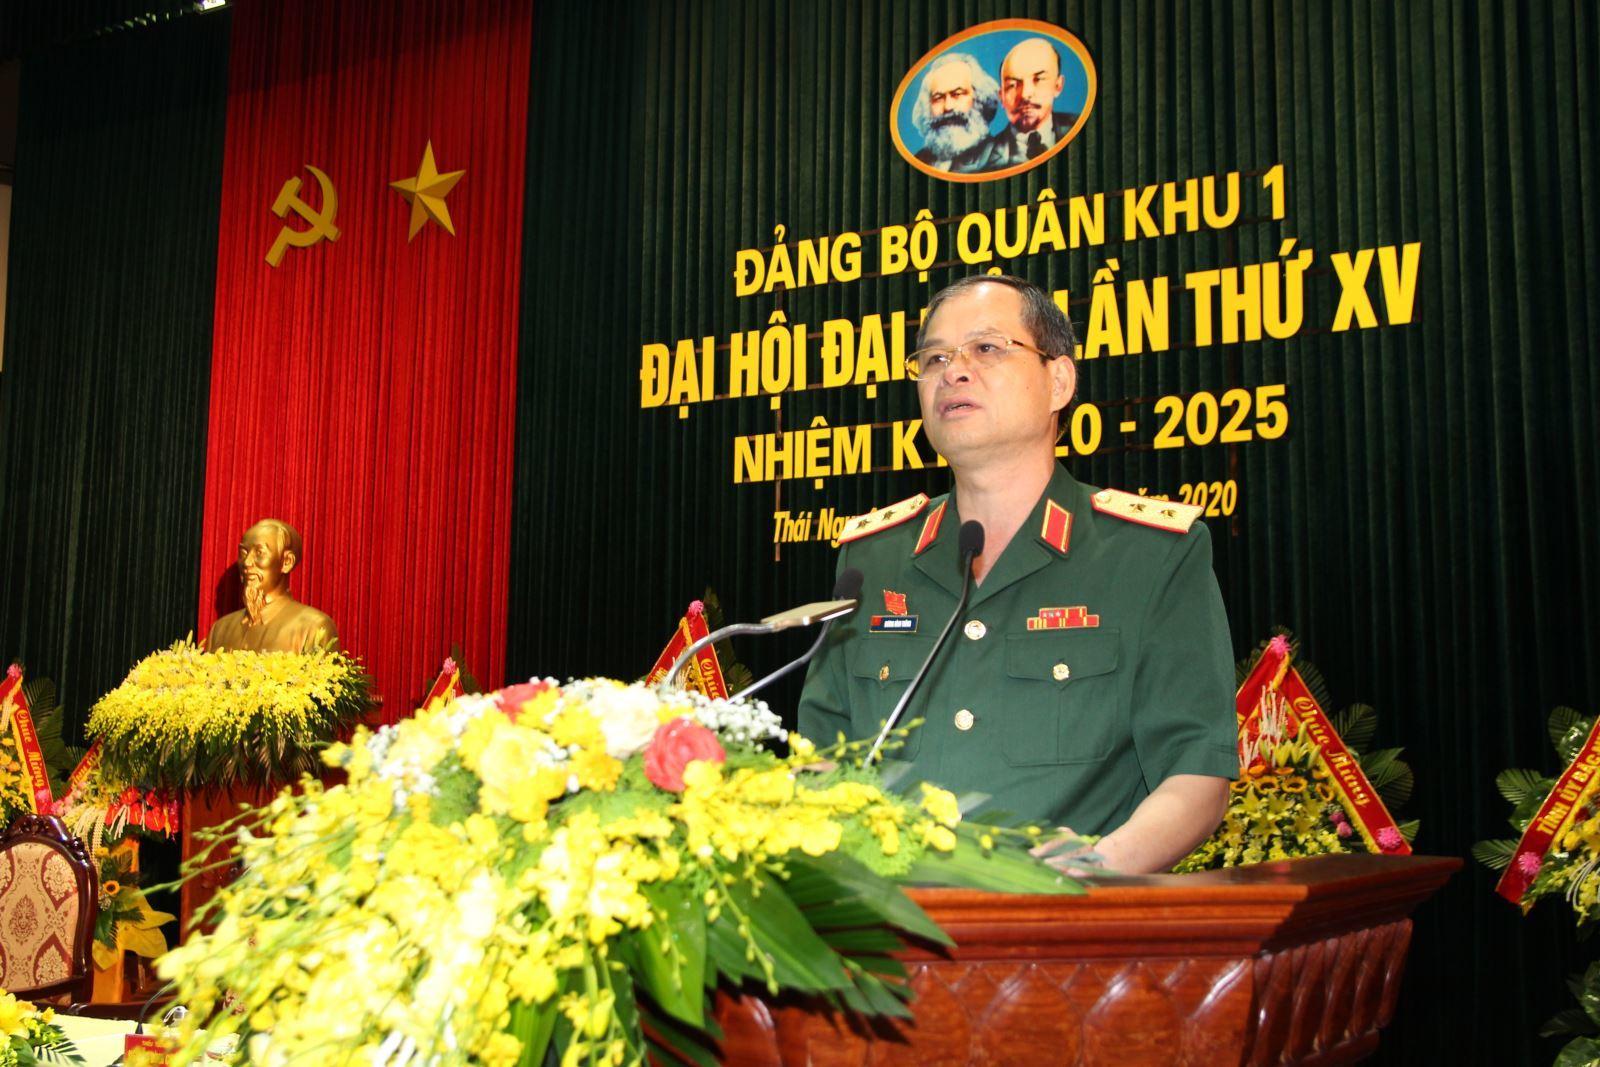 Bốn tướng lĩnh được bầu làm Bí thư Đảng ủy bốn quân khu